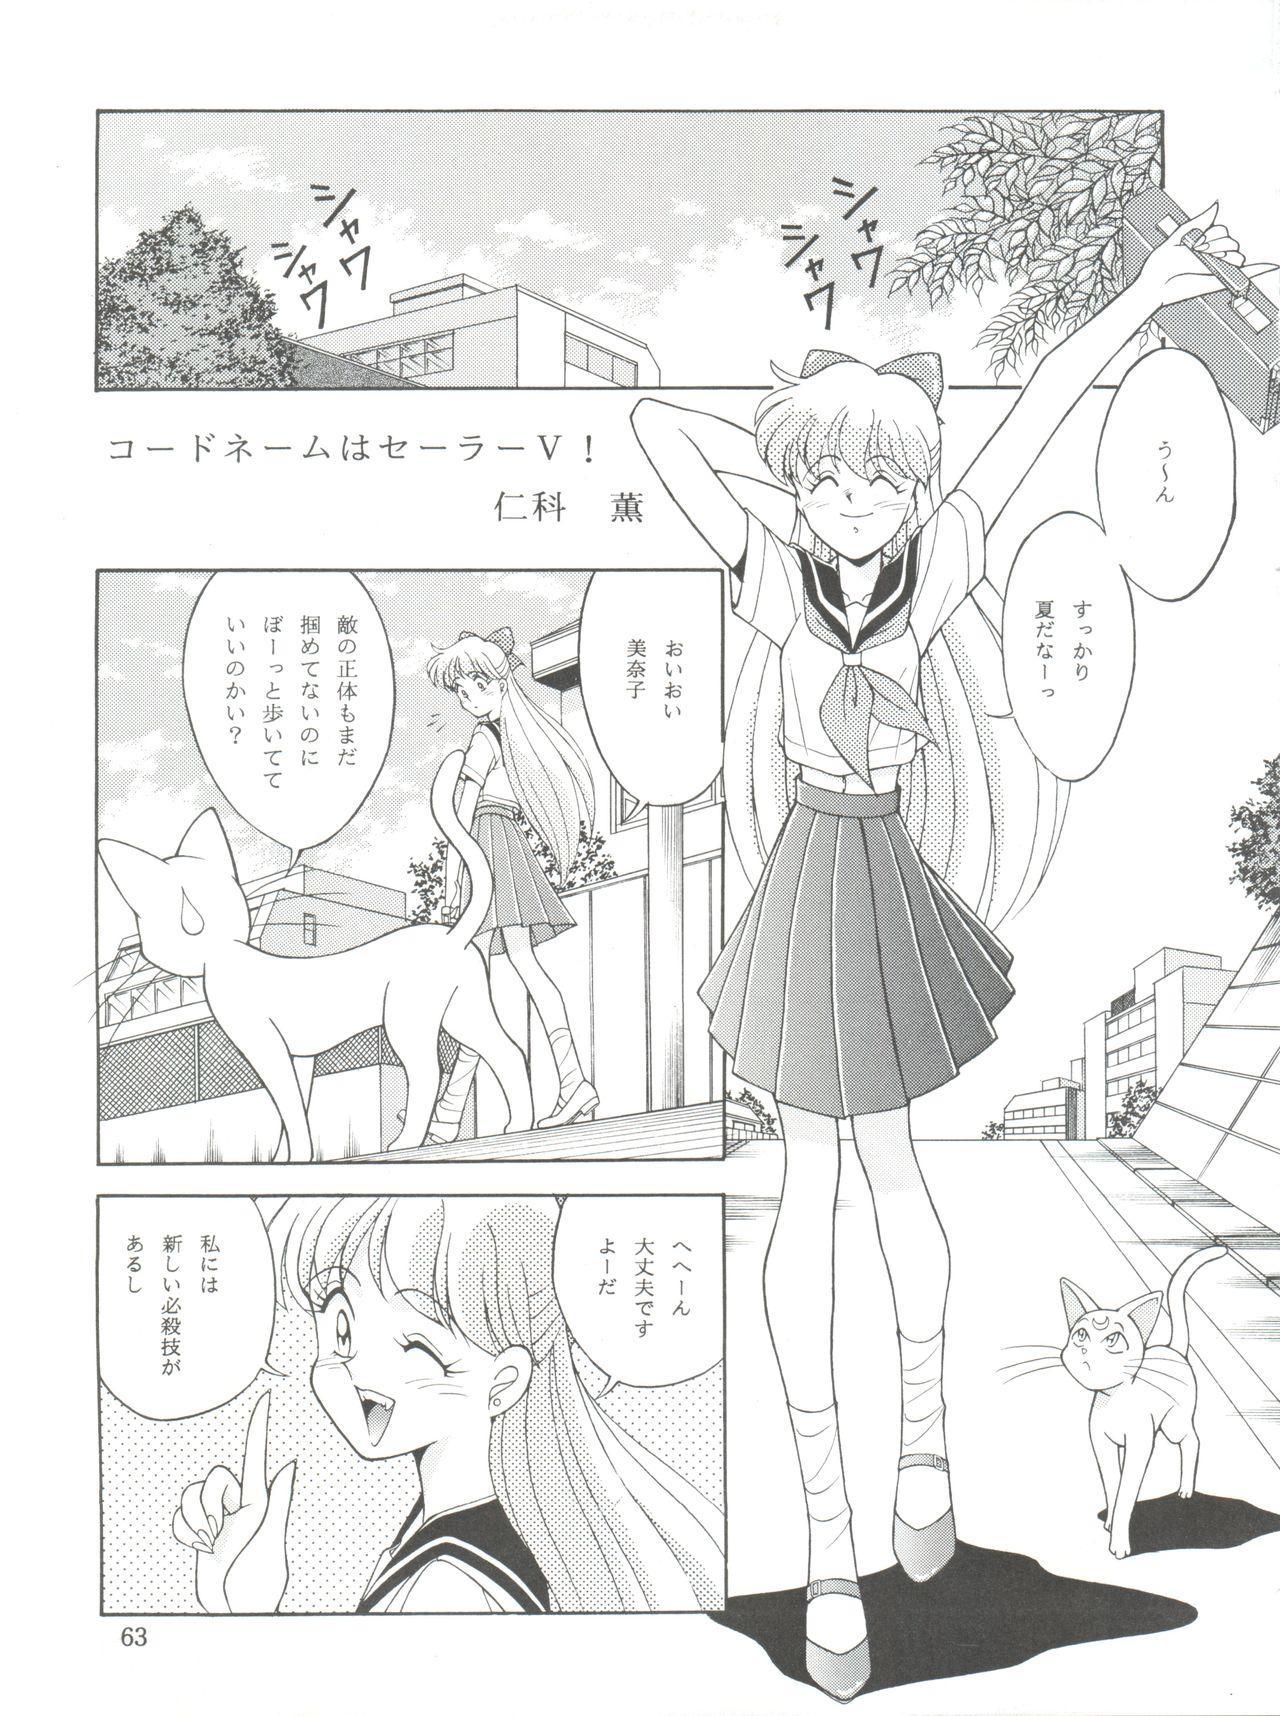 NANIWA-YA FINAL DRESS UP! 62